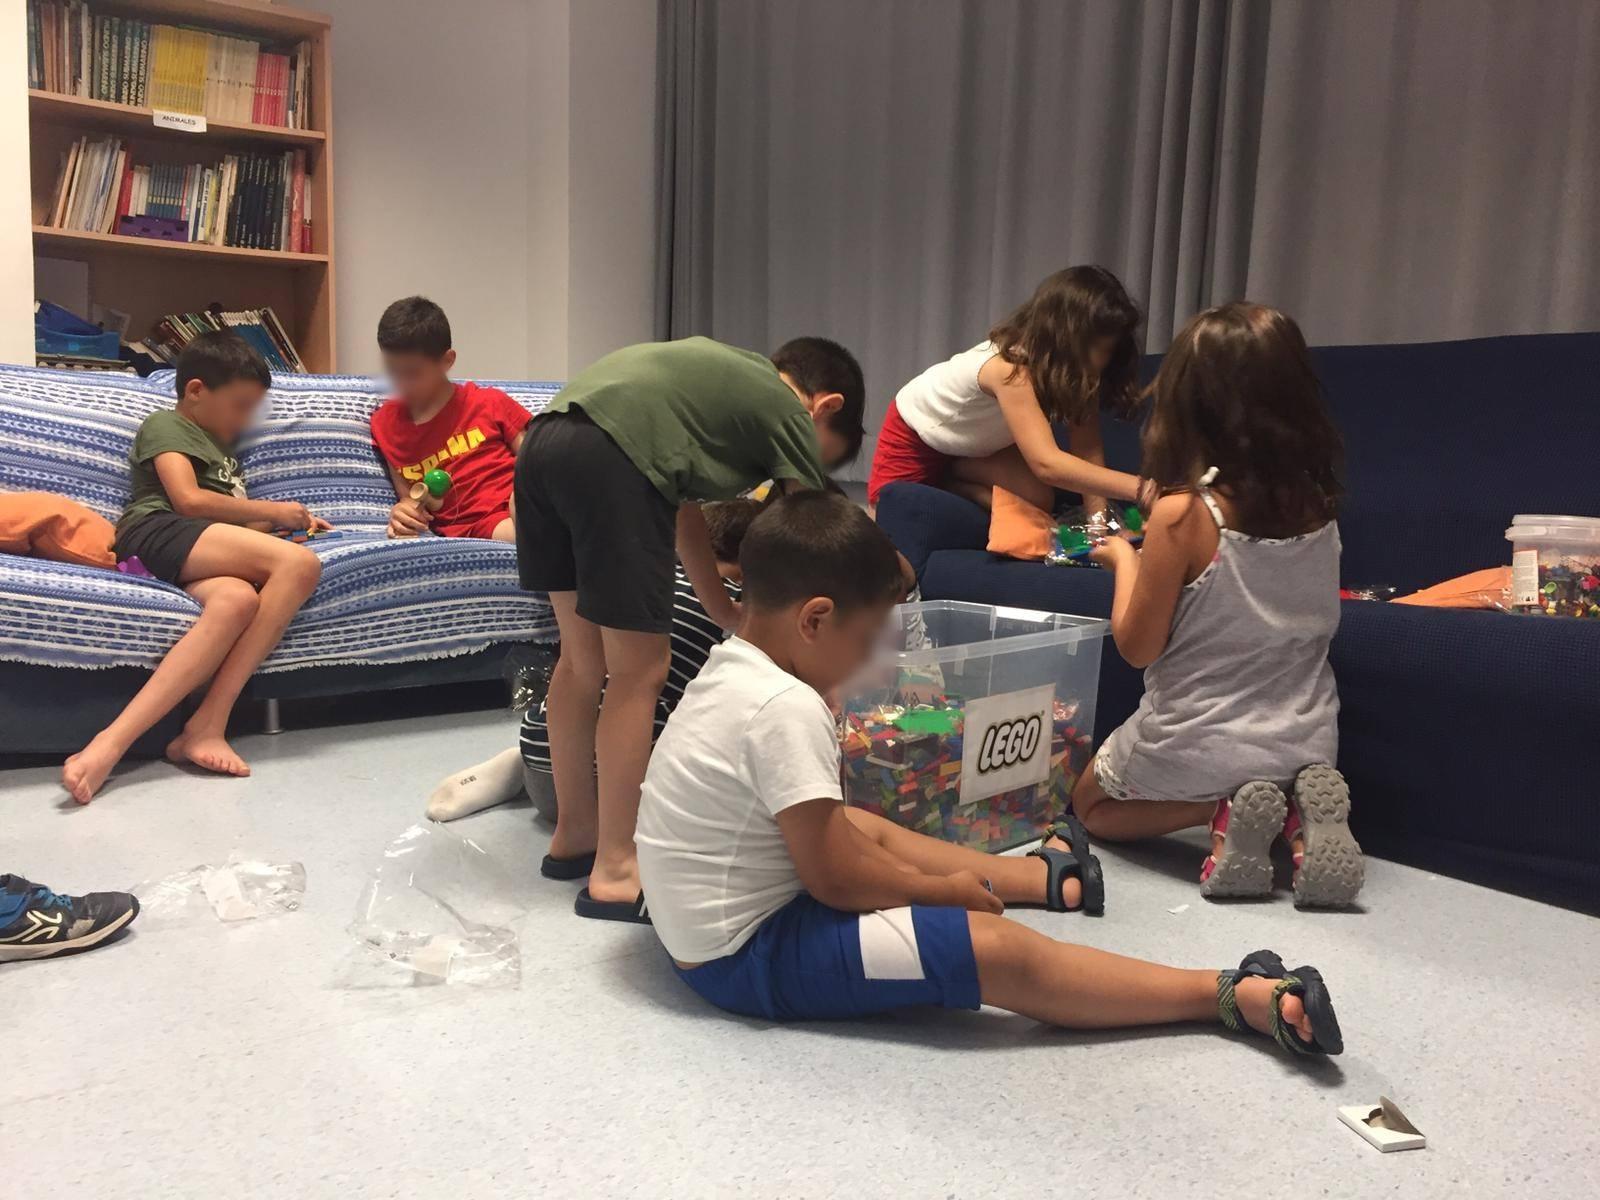 El Grupo Lagunduz afianza su presencia en Alicante con la gestión de la Residencia de Acogida de niños, niñas y adolescentes «Els Estels»